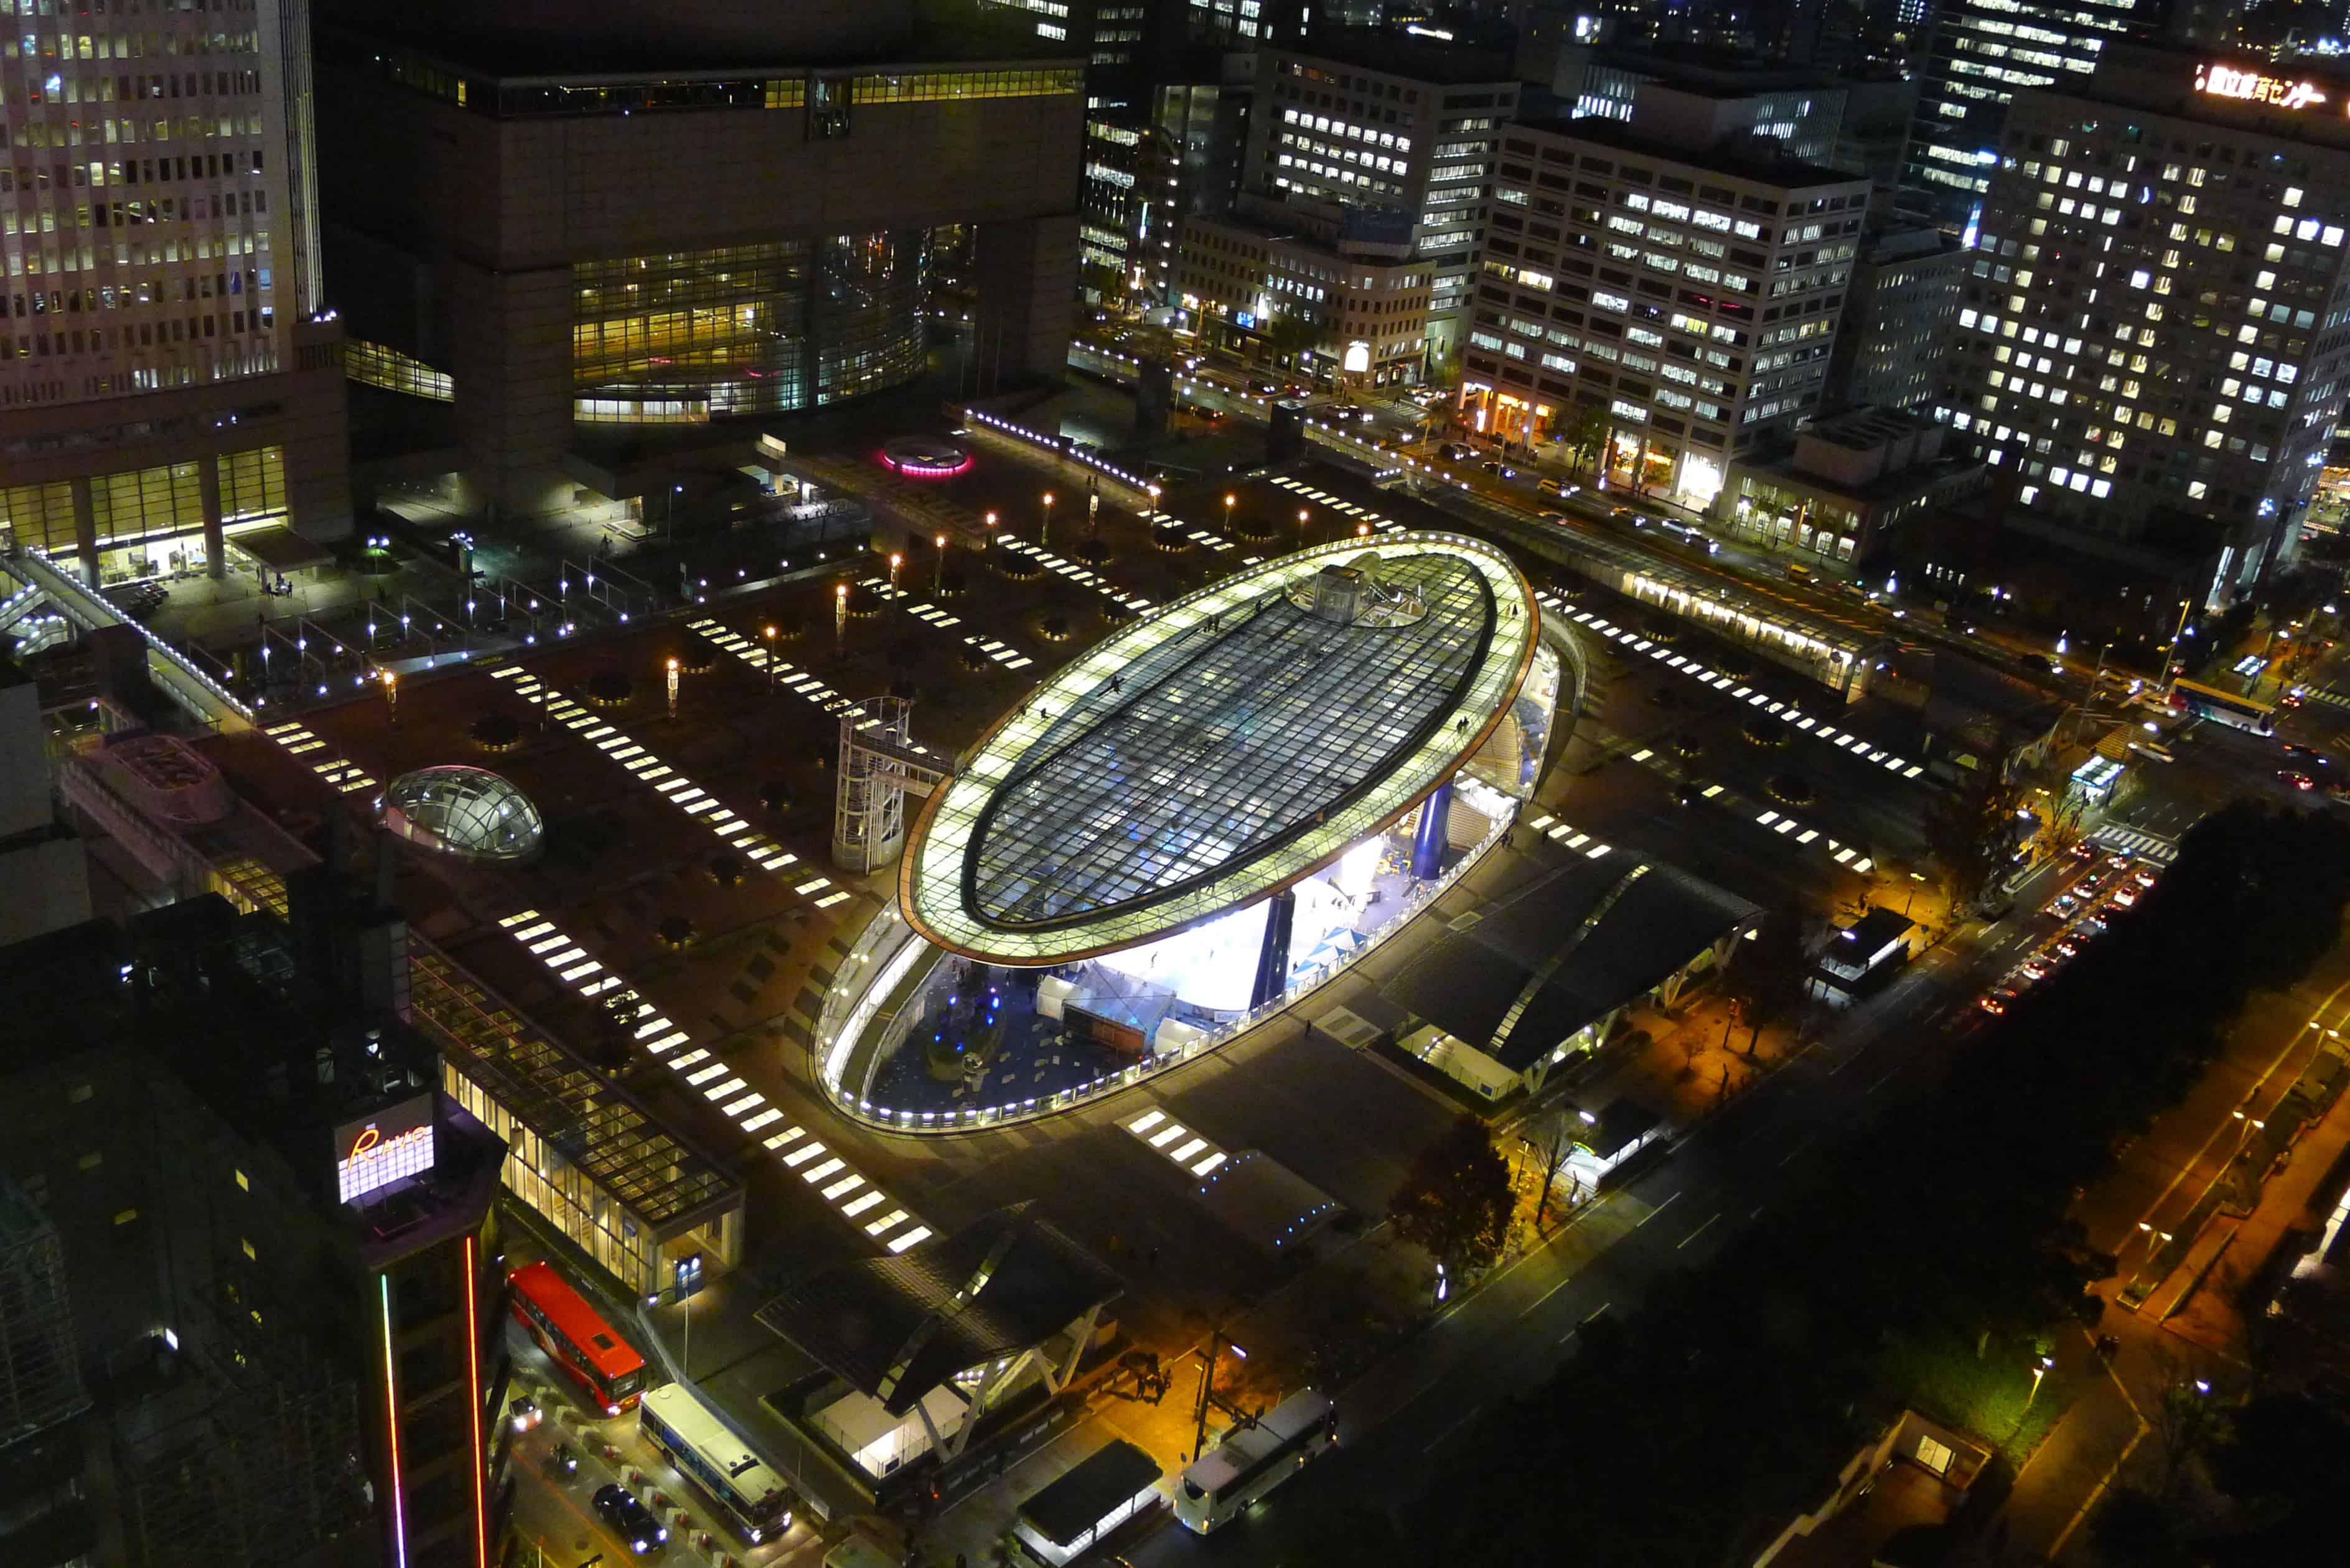 วิวที่มองลงมาจากด้านบน Nagoya TV Tower